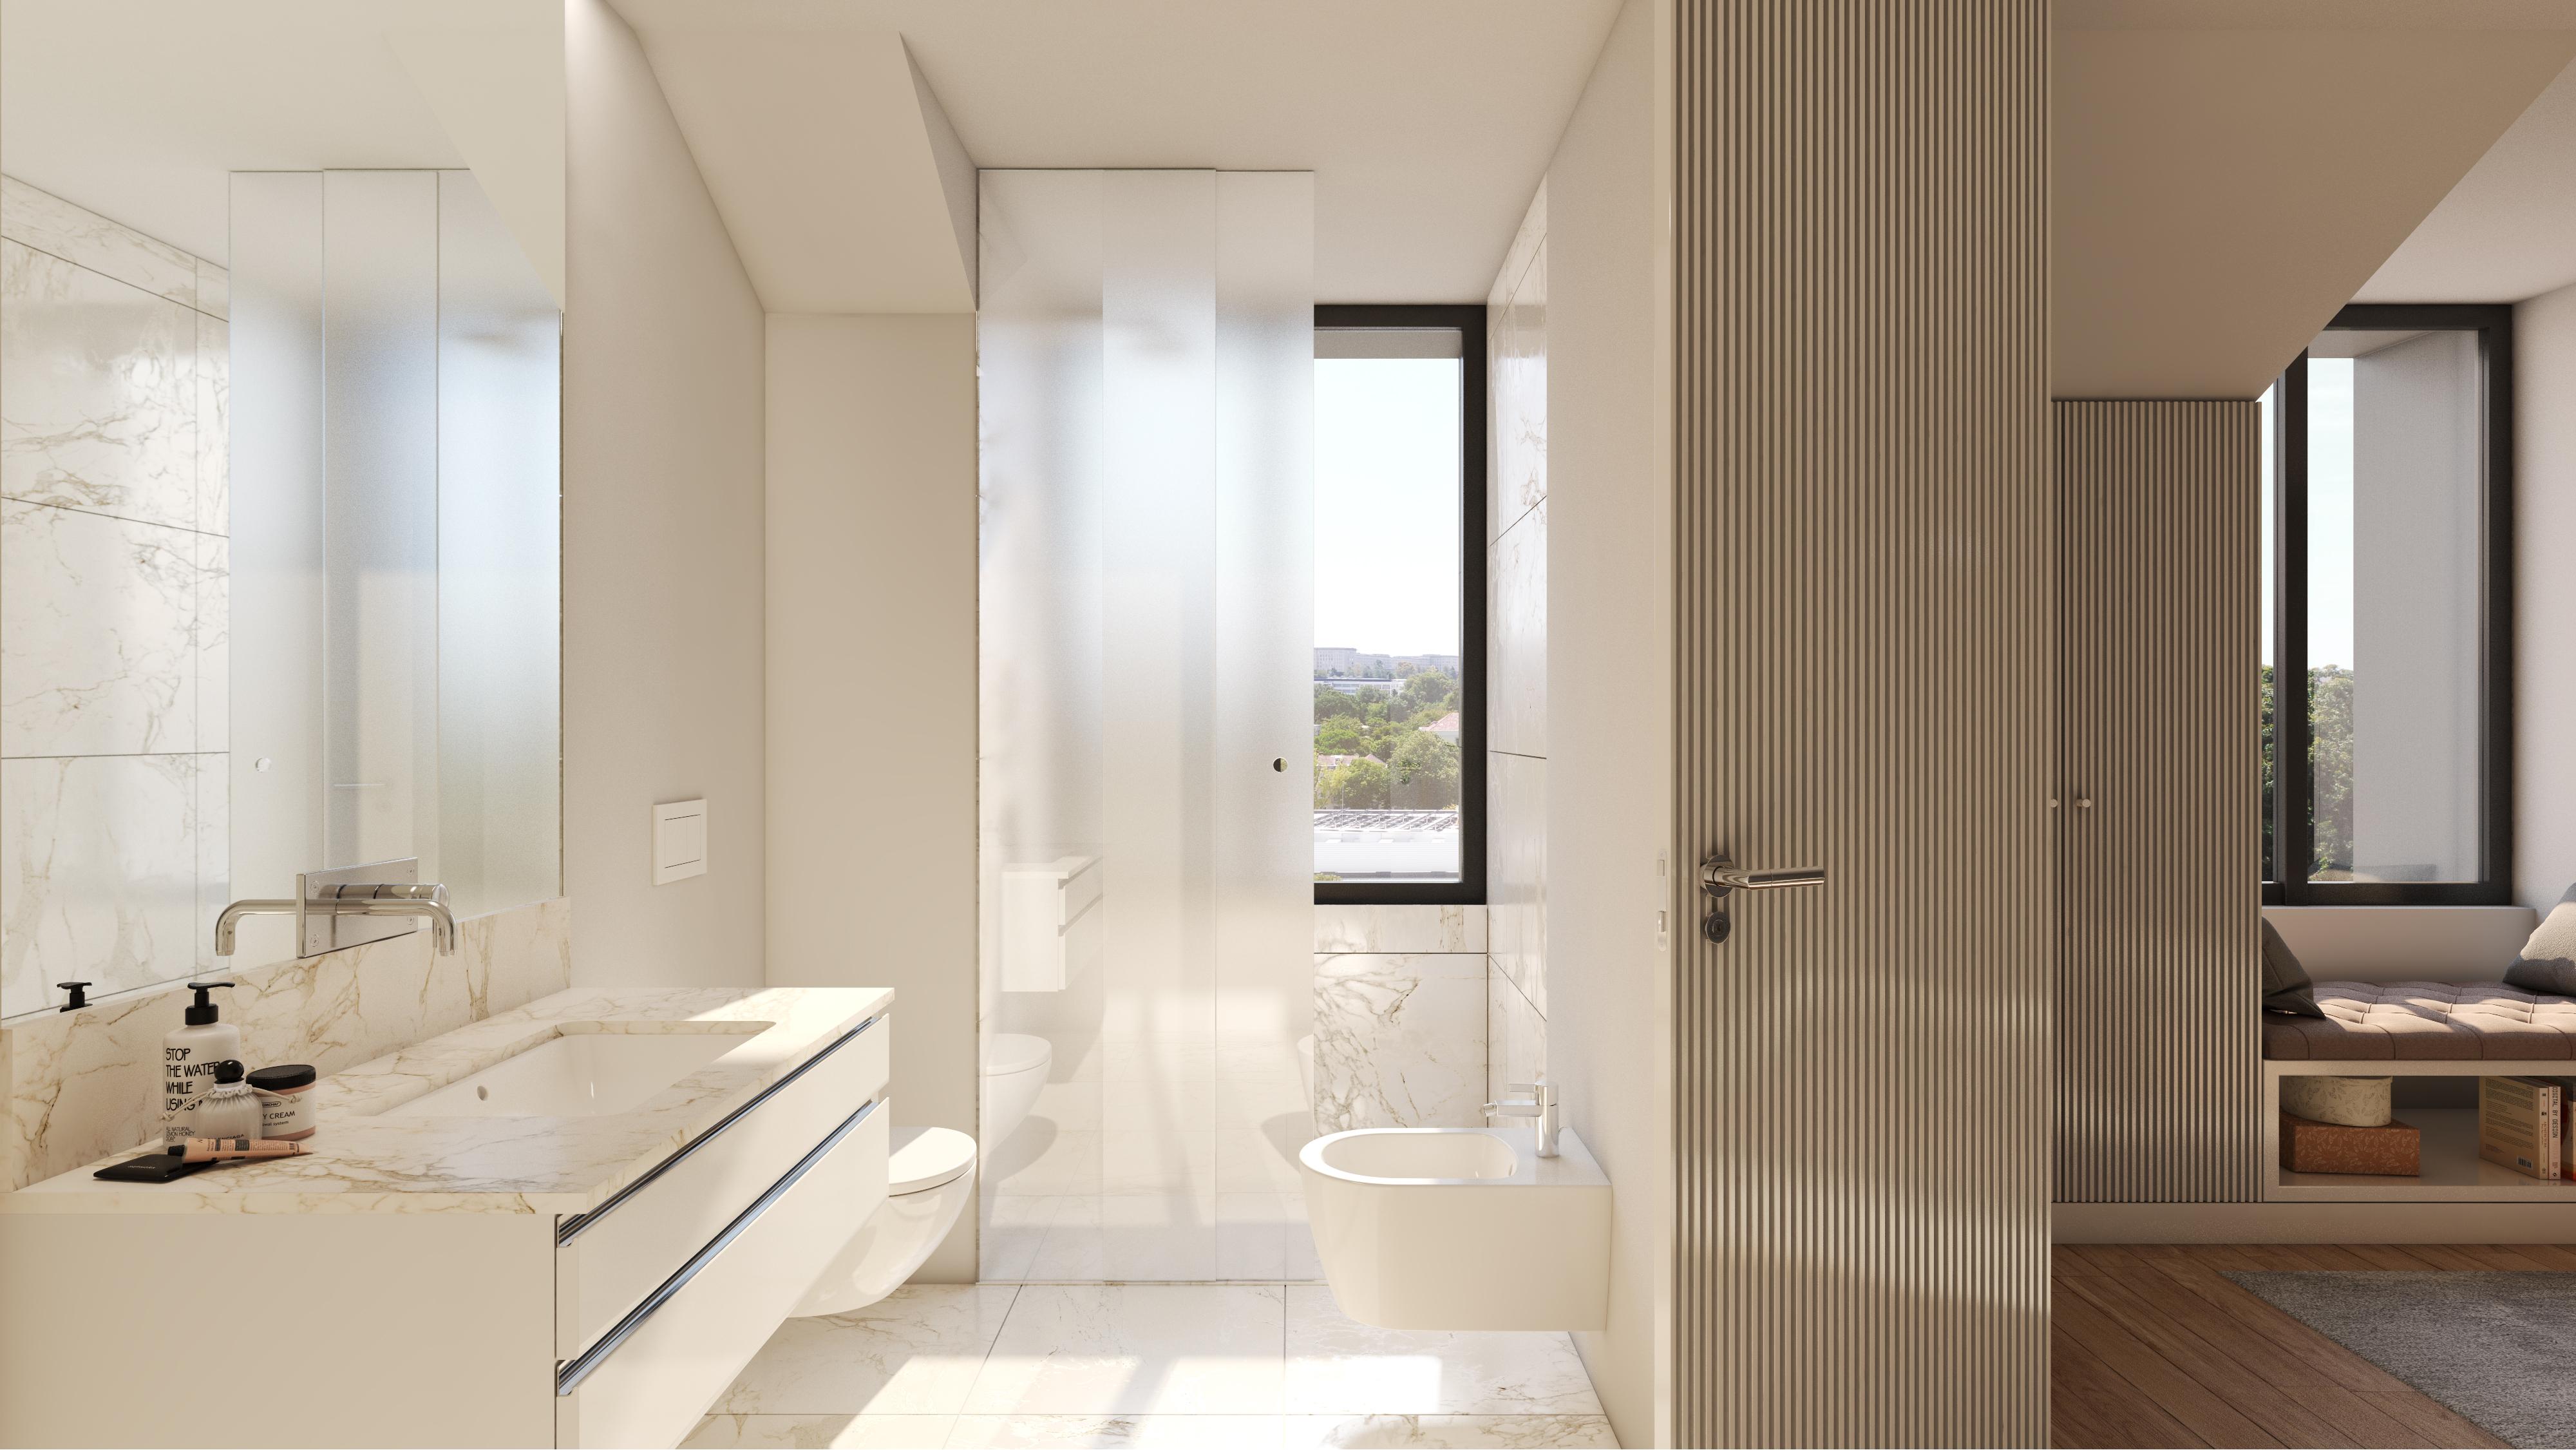 pf16067-apartment-t3-lisboa-13